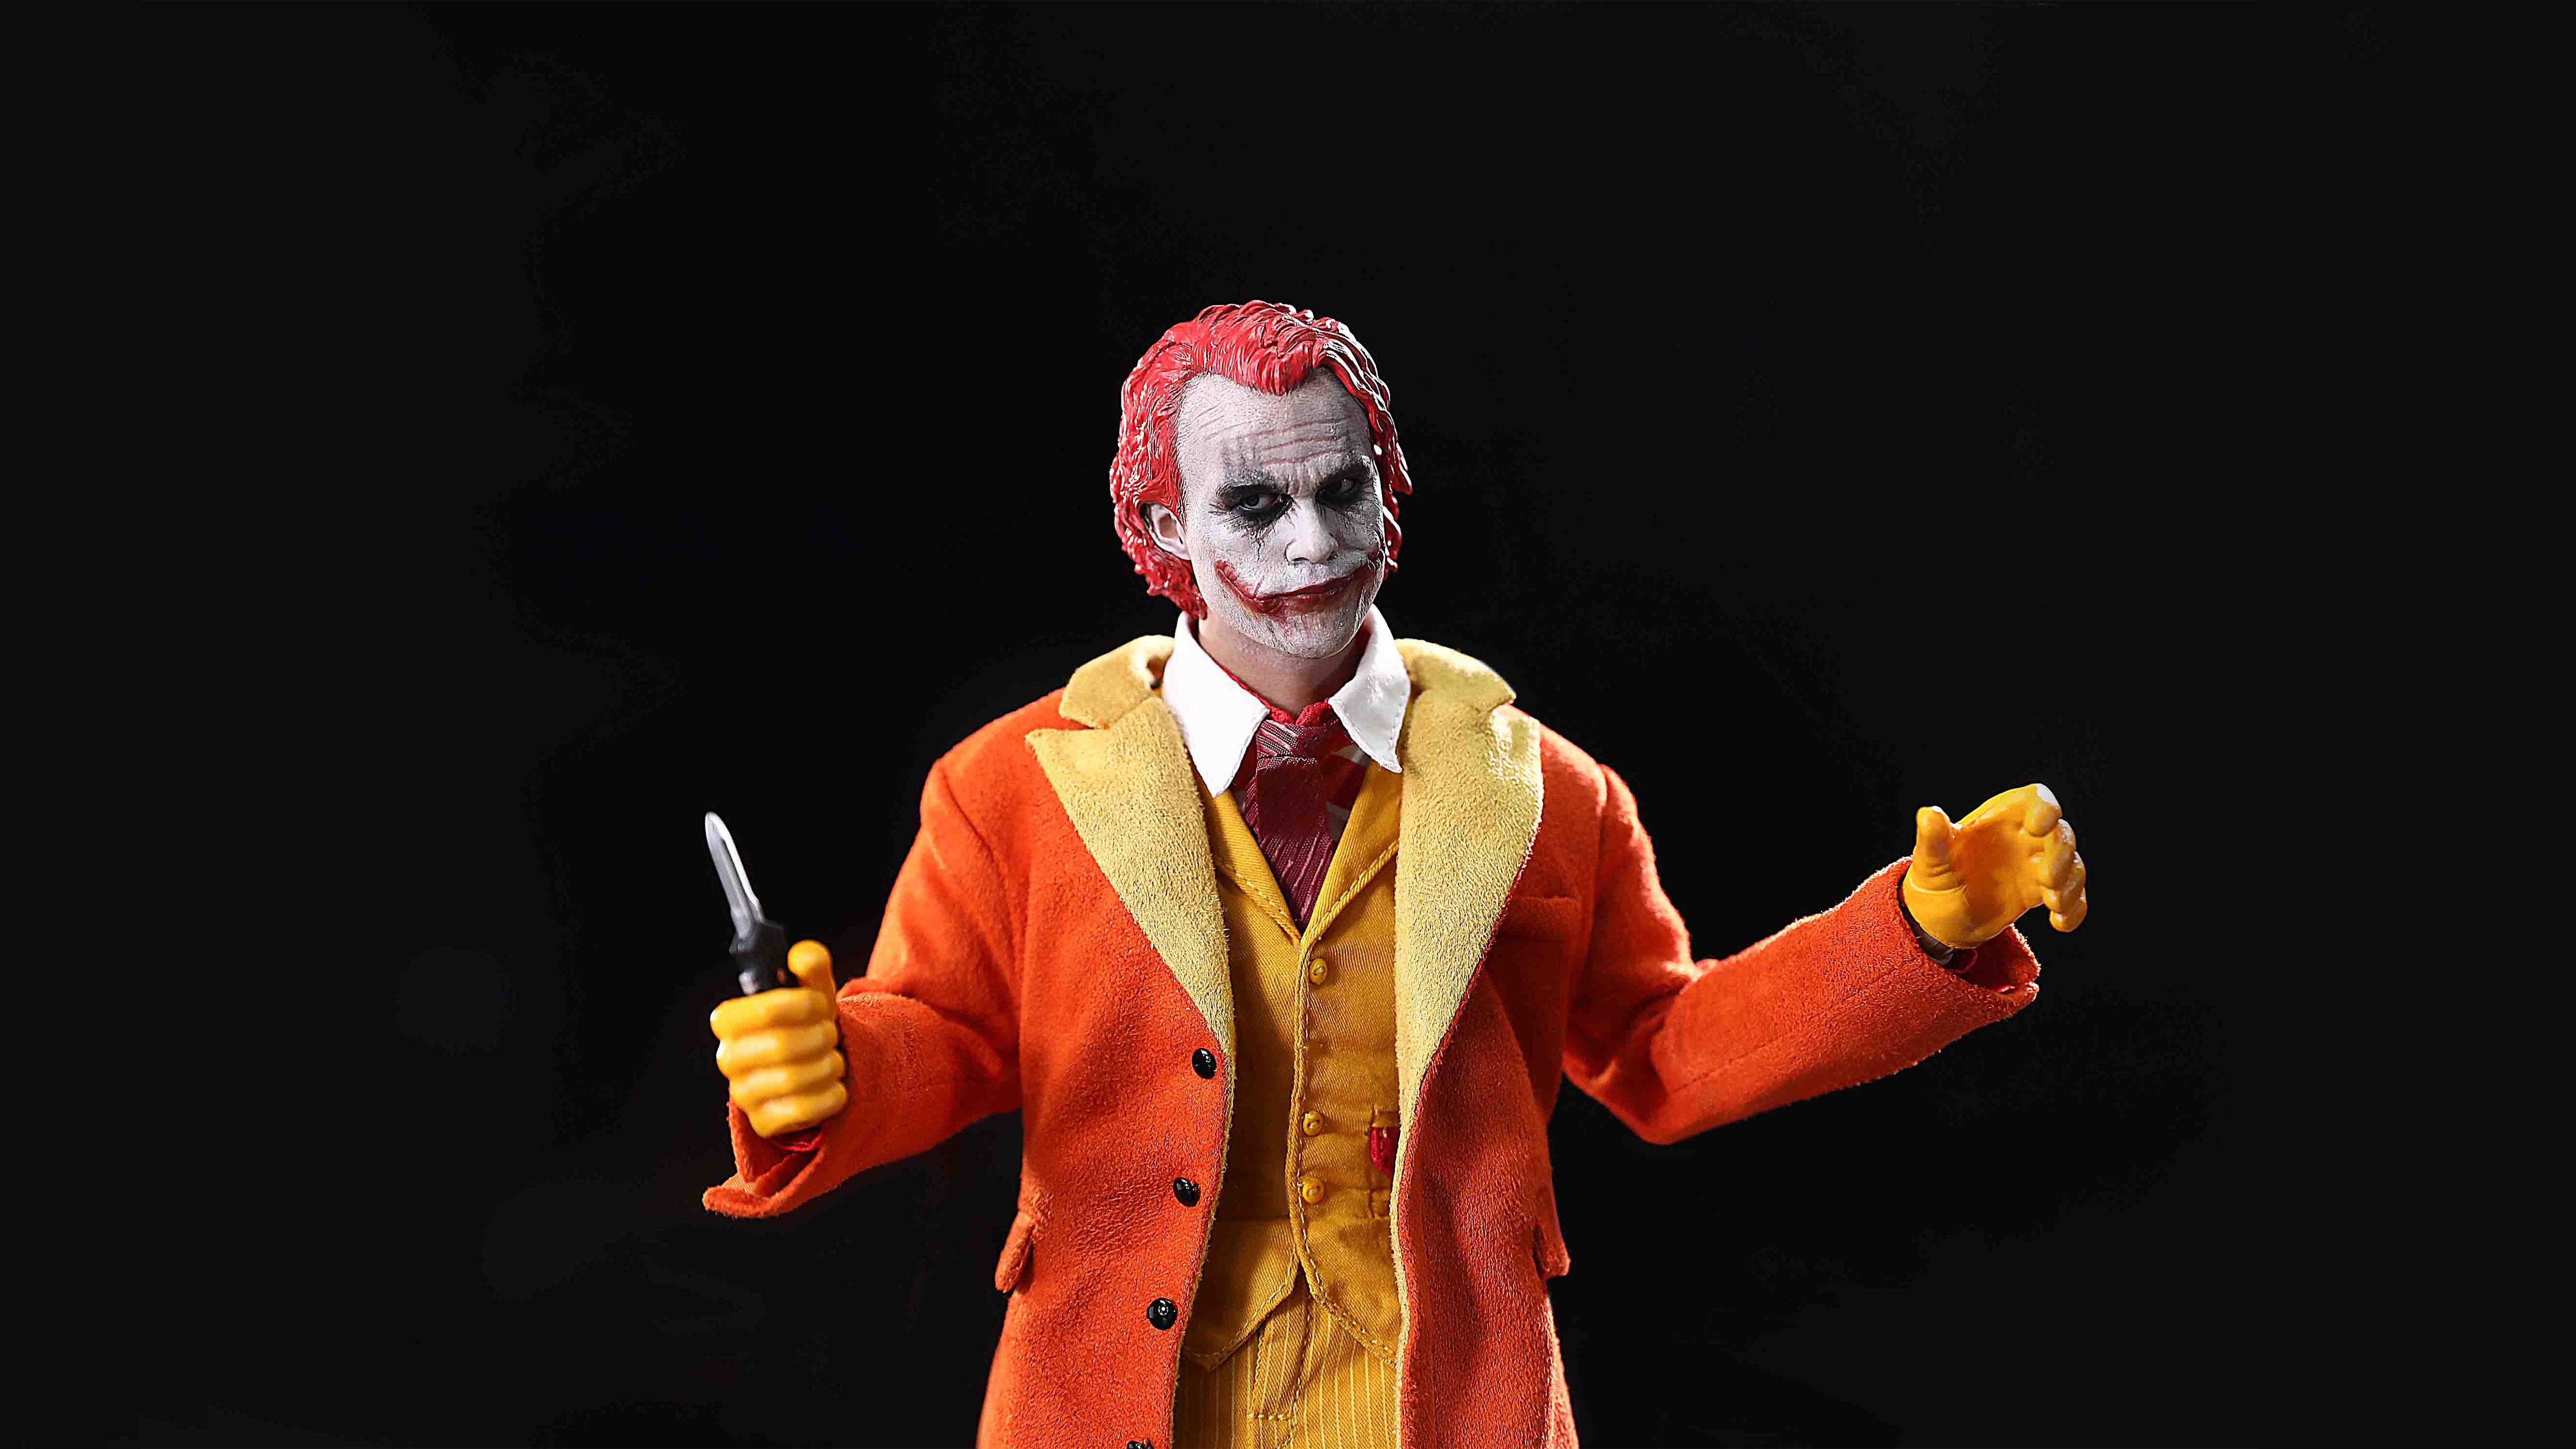 joker-with-knife-5k-9e.jpg